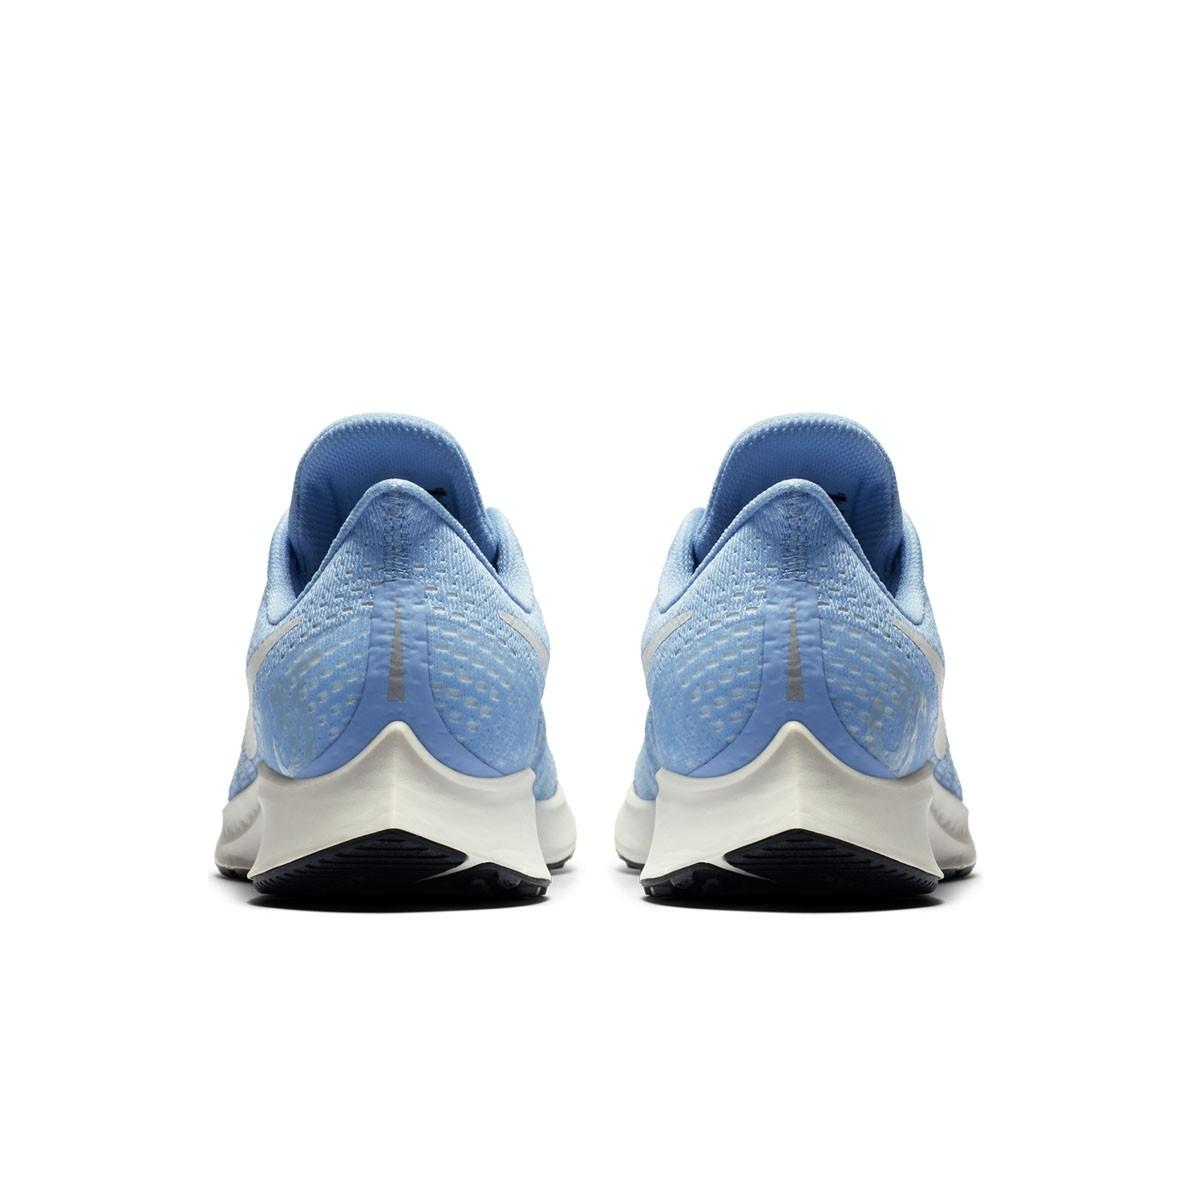 d609d4de3a1a6 Buy Nike Air Zoom Pegasus 35 Women s  Blue Sky  Basketball shoes ...